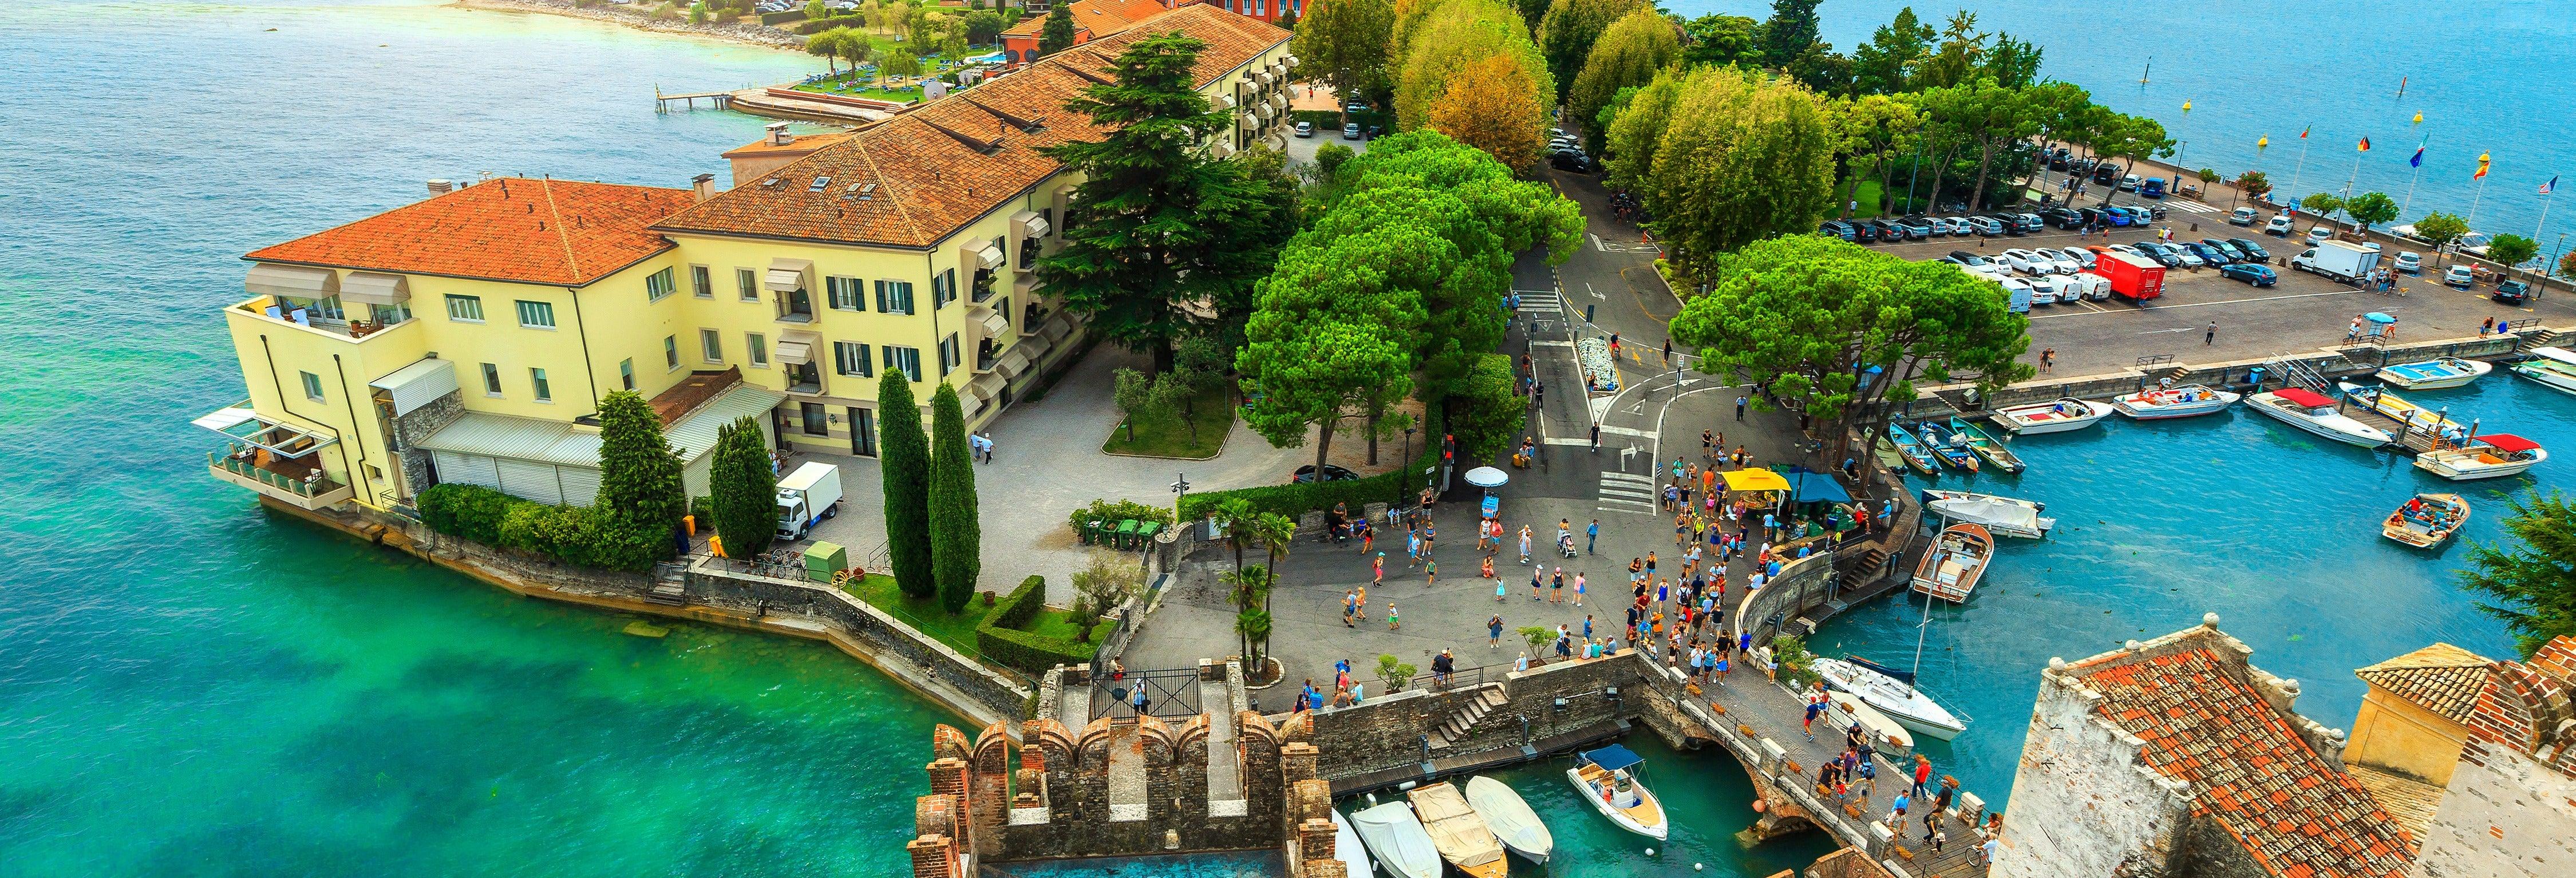 Speed Boat on Lake Garda: Sirmione Peninsula Tour